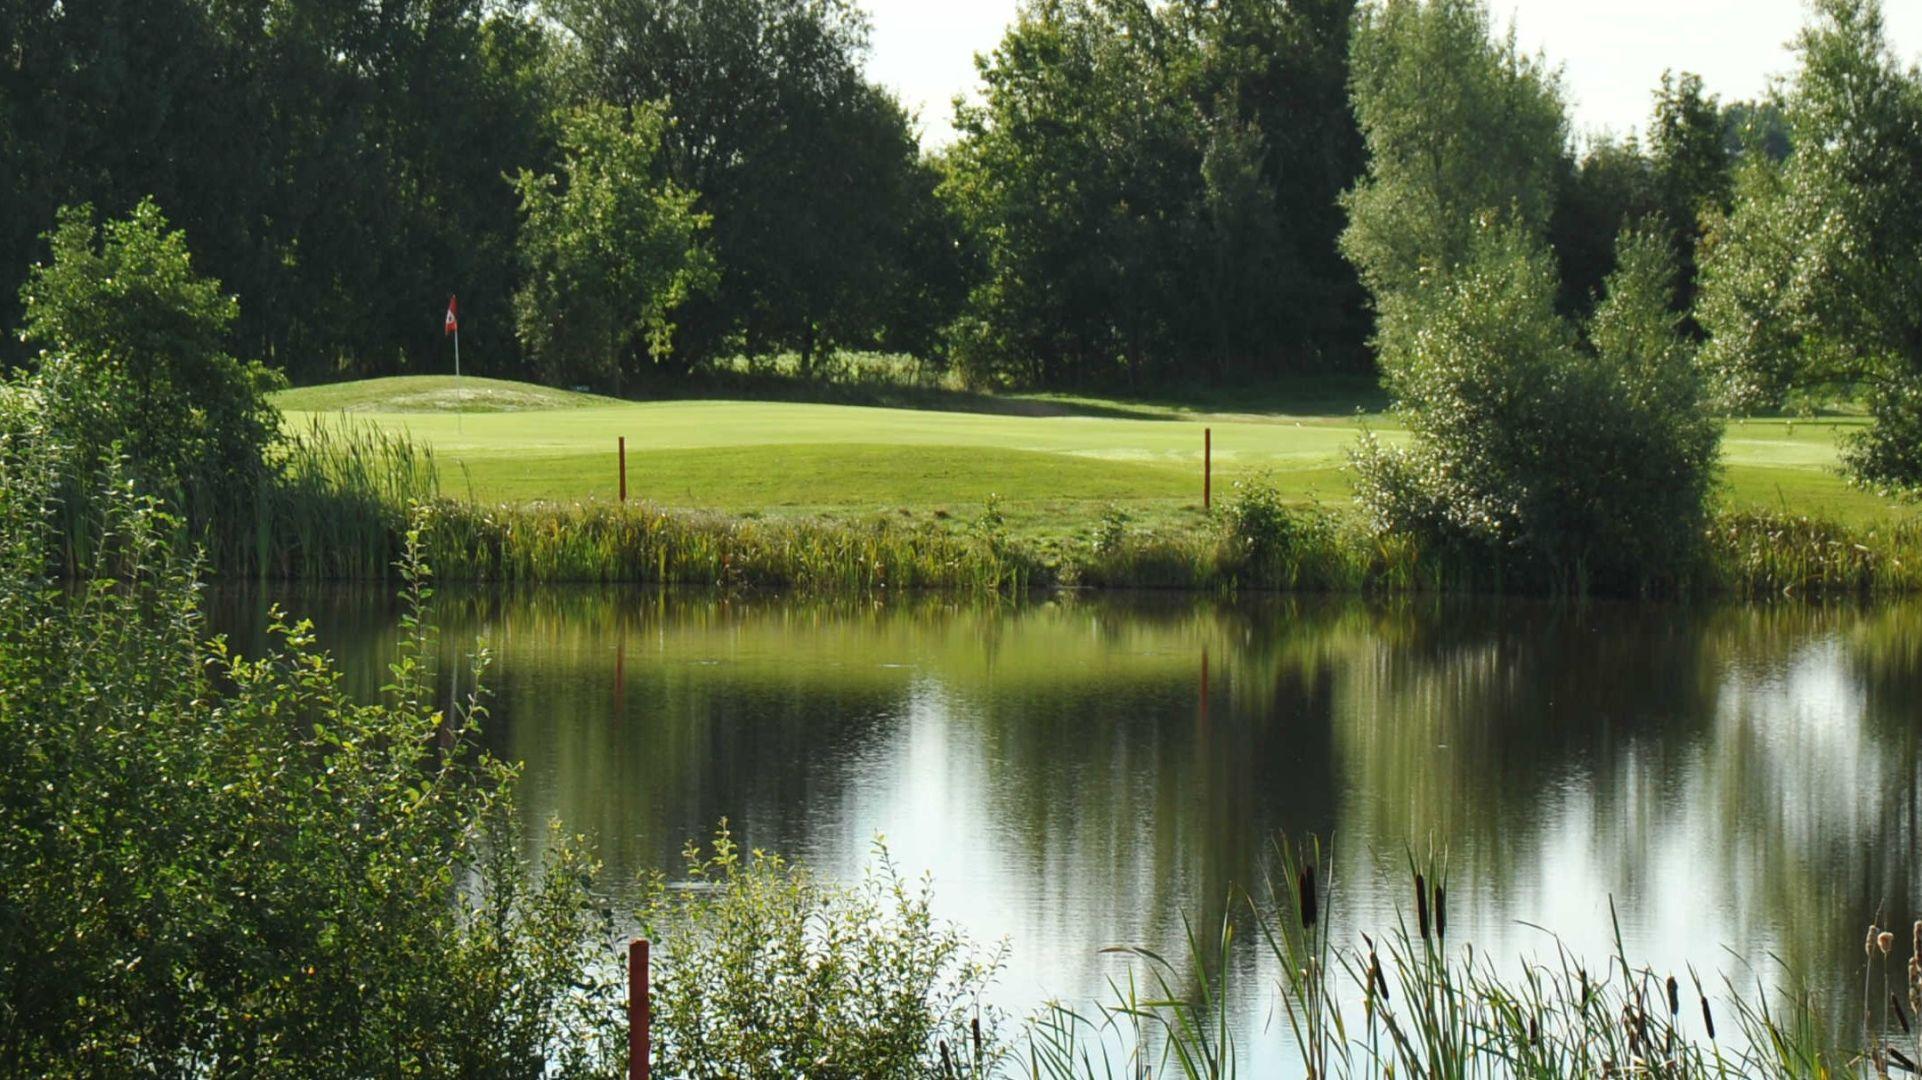 Golfplatz in Bad Bramstedt